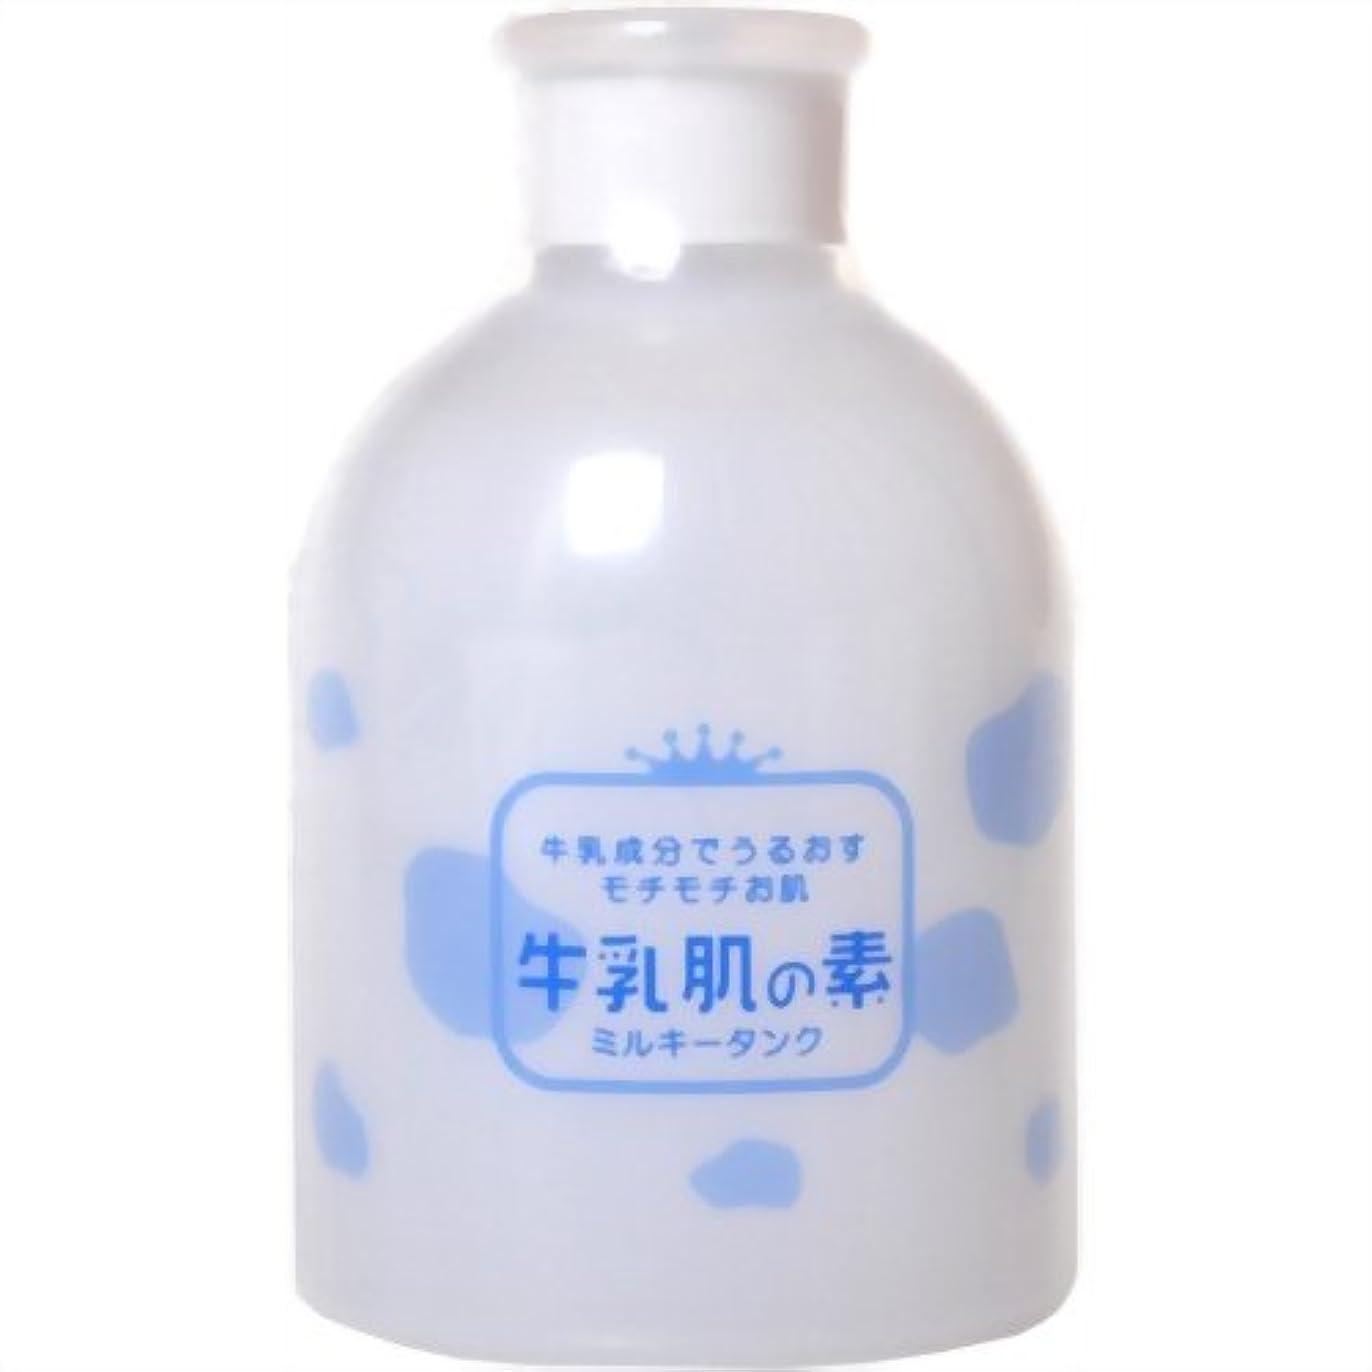 海外で信仰プロポーショナル牛乳肌の素 ミルキータンク(化粧水) 300ml